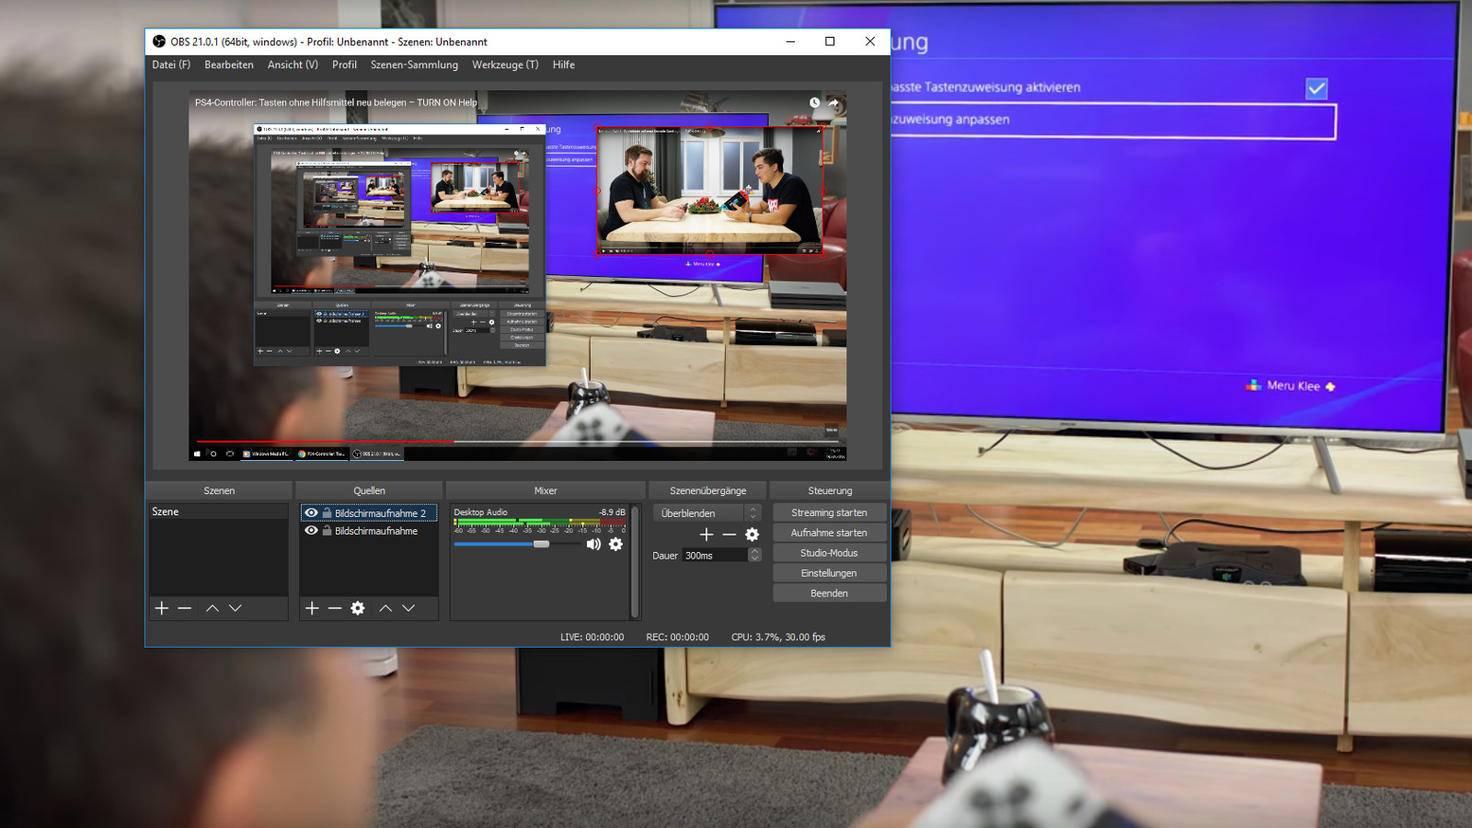 Für dieses Beispiel-Bild haben wir auf zwei Monitoren zwei YouTube-Videos gestartet und lassen ein Bild in der rechten oberen Ecke anzeigen. Am roten Rahmen um das Video lässt sich dessen Größe verstellen.